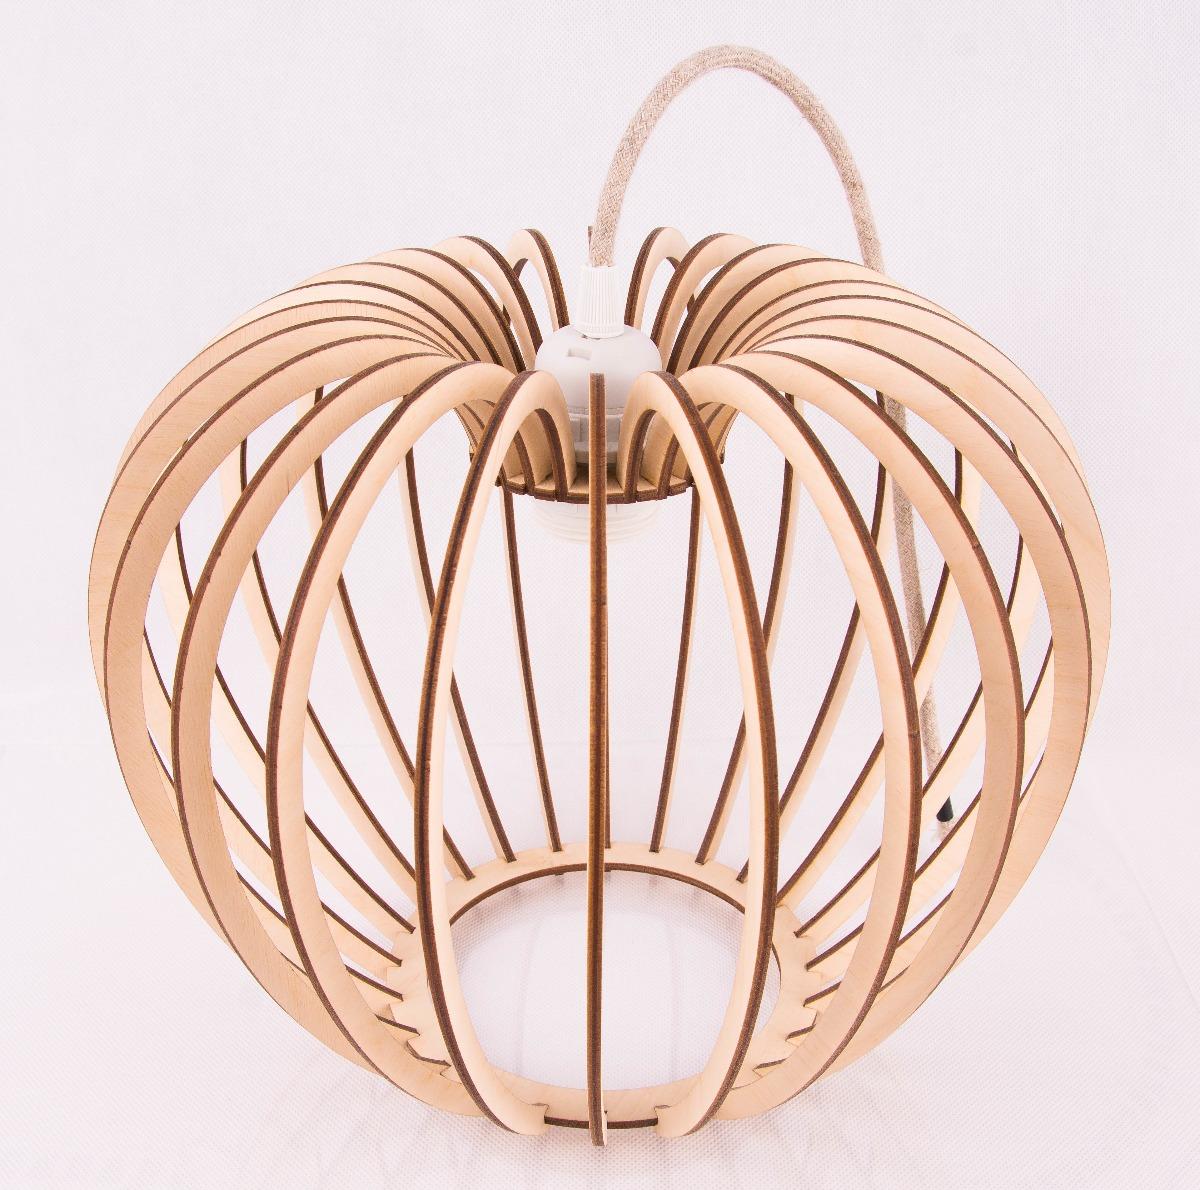 eb55a407cadc Lampa sufitowa wisząca kula Industrialna Sklejka - lampy - wiszące ...